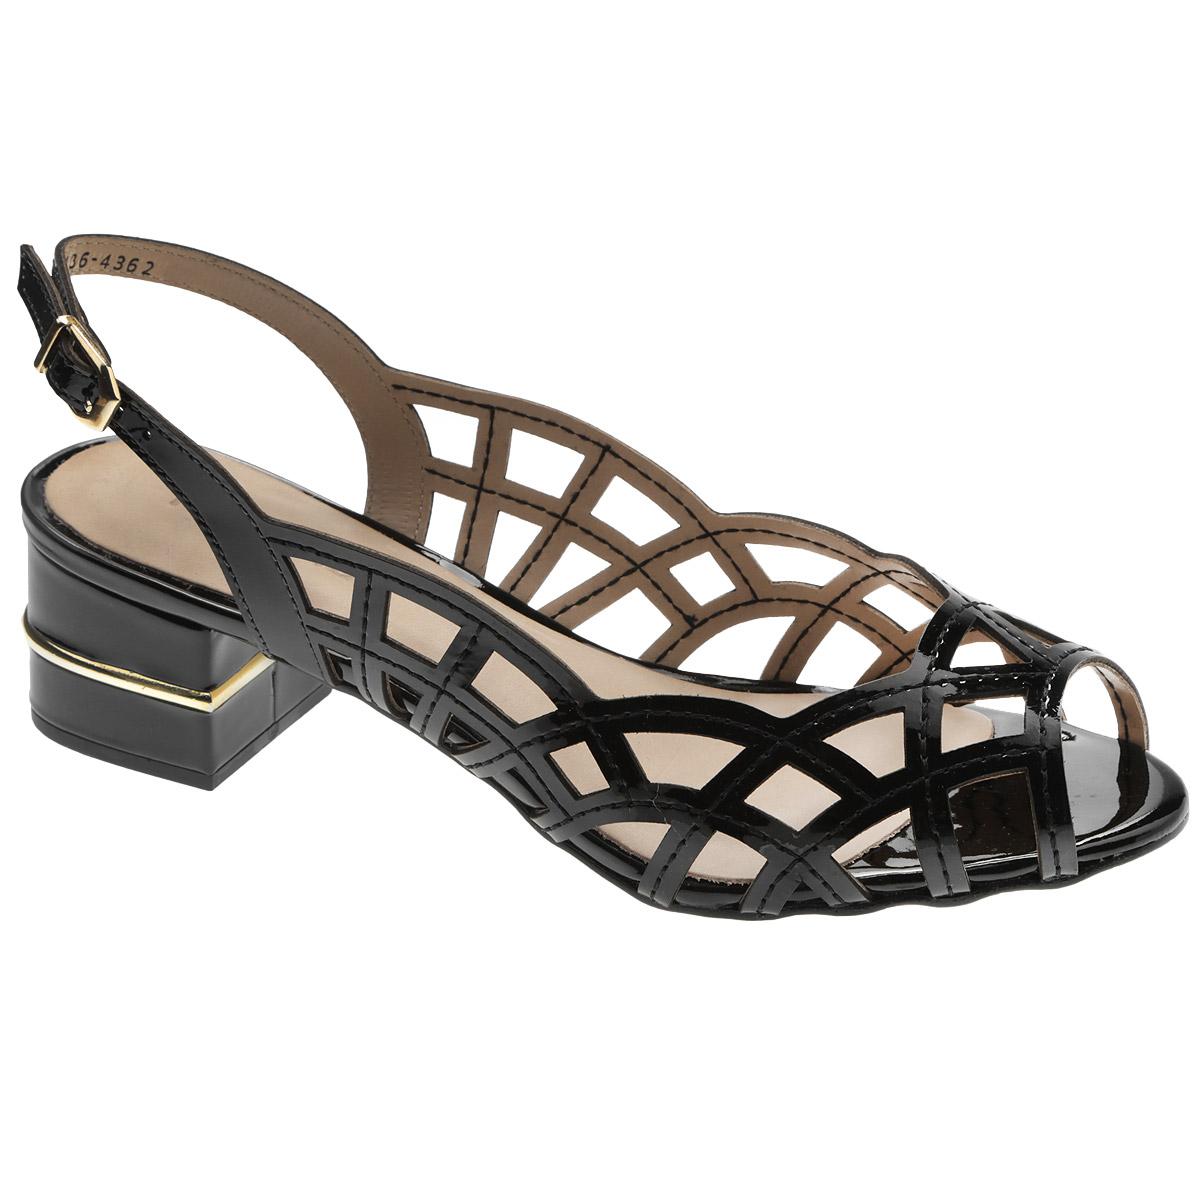 Босоножки Miucha, цвет: черный. 436-4362. Размер BRA 34 (35)436-4362Стильные босоножки от Miucha займут достойное место среди вашей коллекции летней обуви. Модель выполнена из натуральной лакированной кожи и оформлена крупной перфорацией. Открытый носок и задник обеспечивают дополнительную вентиляцию, позволяют ногам дышать. Ремешок с металлической пряжкой оригинальной формы отвечает за надежную фиксацию модели на ноге. Длина ремешка регулируется за счет болта. Стелька из натуральной кожи гарантирует комфорт при ходьбе. Средняя часть каблука декорирована по контуру золотистой пластиной. Рифление на каблуке и на подошве защищает изделие от скольжения.Прелестные босоножки очаруют вас своим дизайном с первого взгляда.